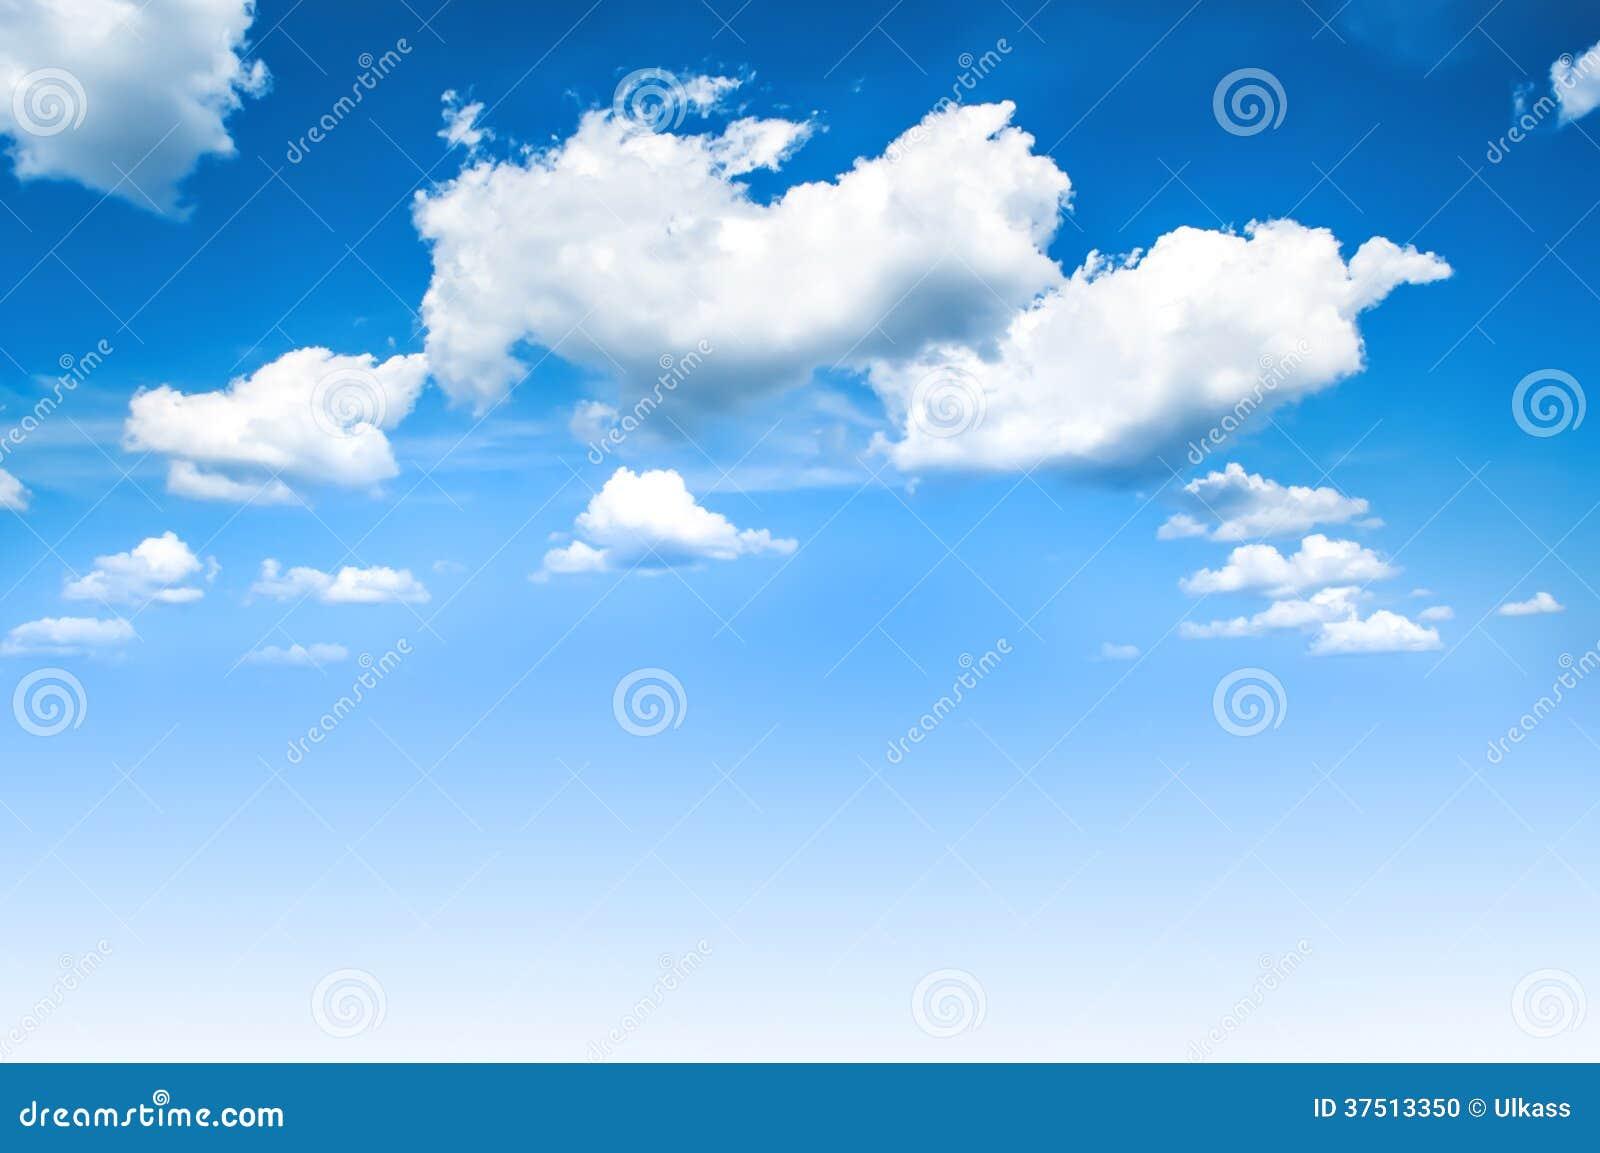 Μπλε ουρανός και άσπρα σύννεφα.